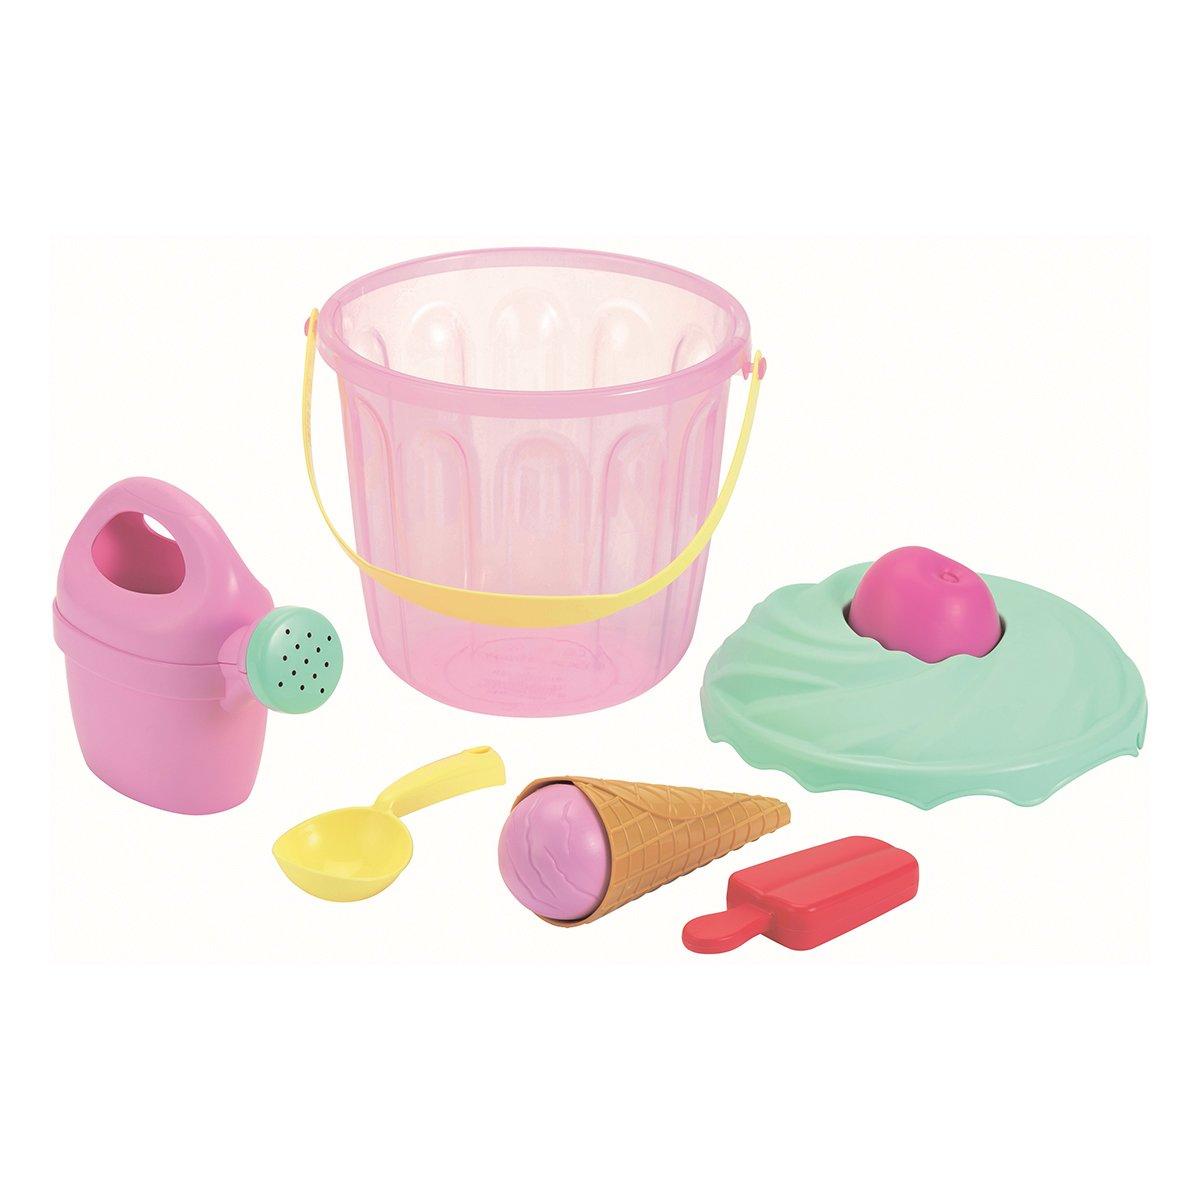 Купить Садово-песочный инвентарь, Набор для игры с песком Ecoiffier Сладости в ведерке 242 ТМ: Ecoiffier